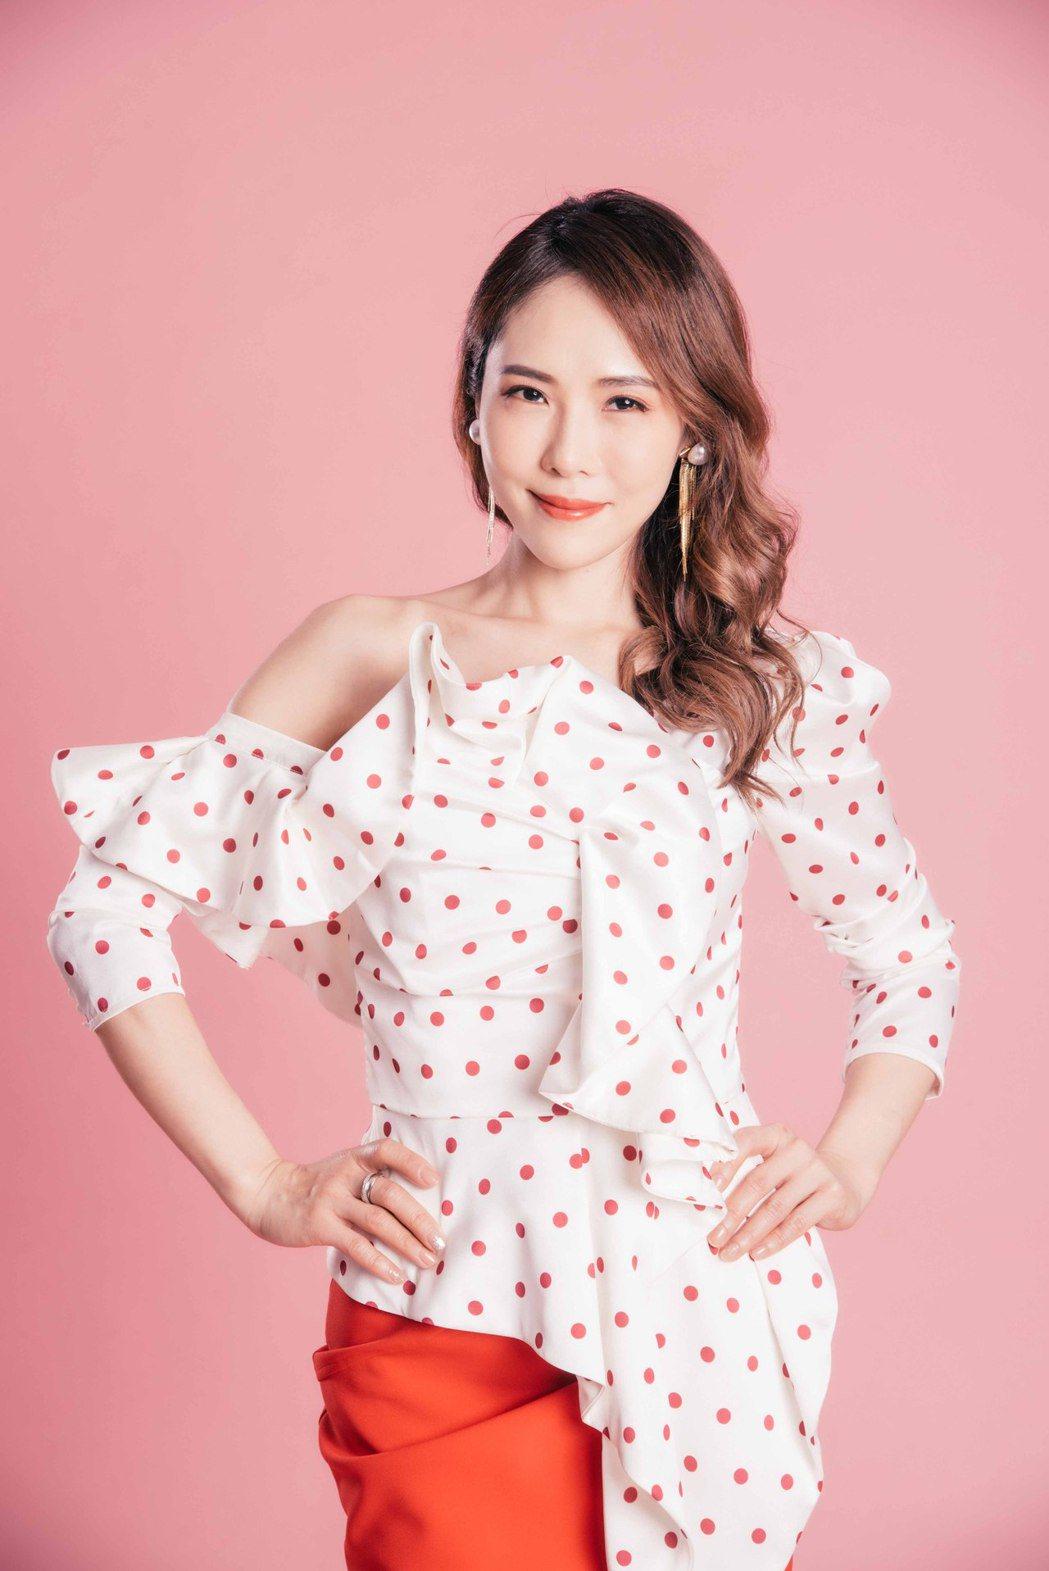 吳申梅的新歌「千里夢相思」成為「新台灣奇案」片頭曲。圖/音圓唱片提供